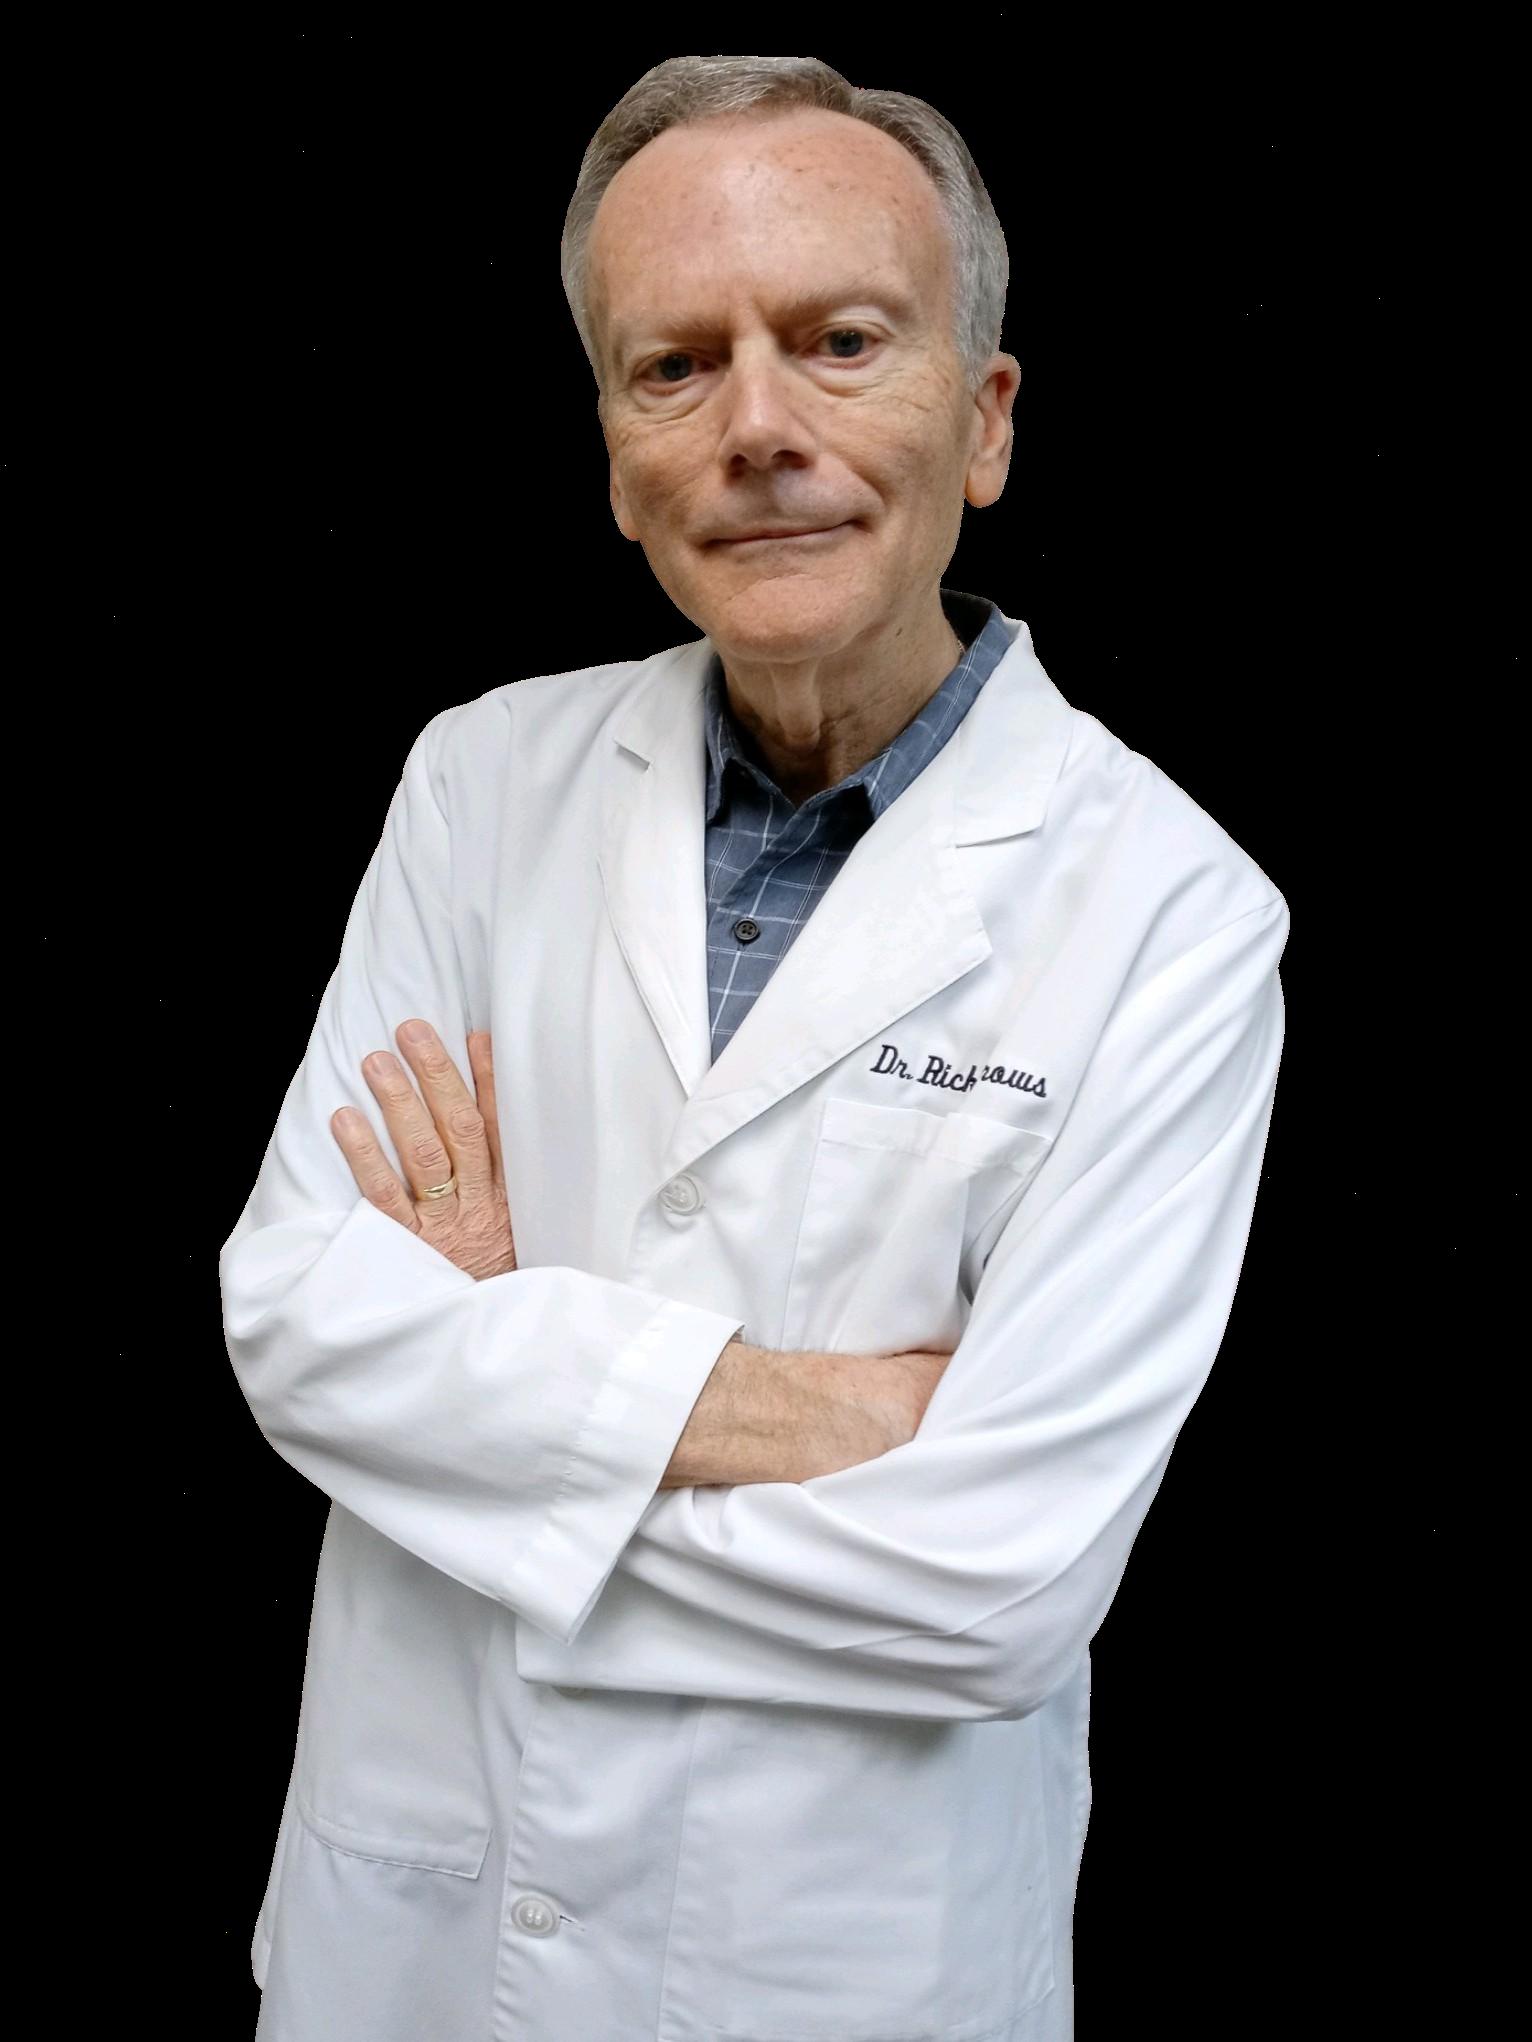 Chiropractor San Antonio TX Rick Barrows, DC